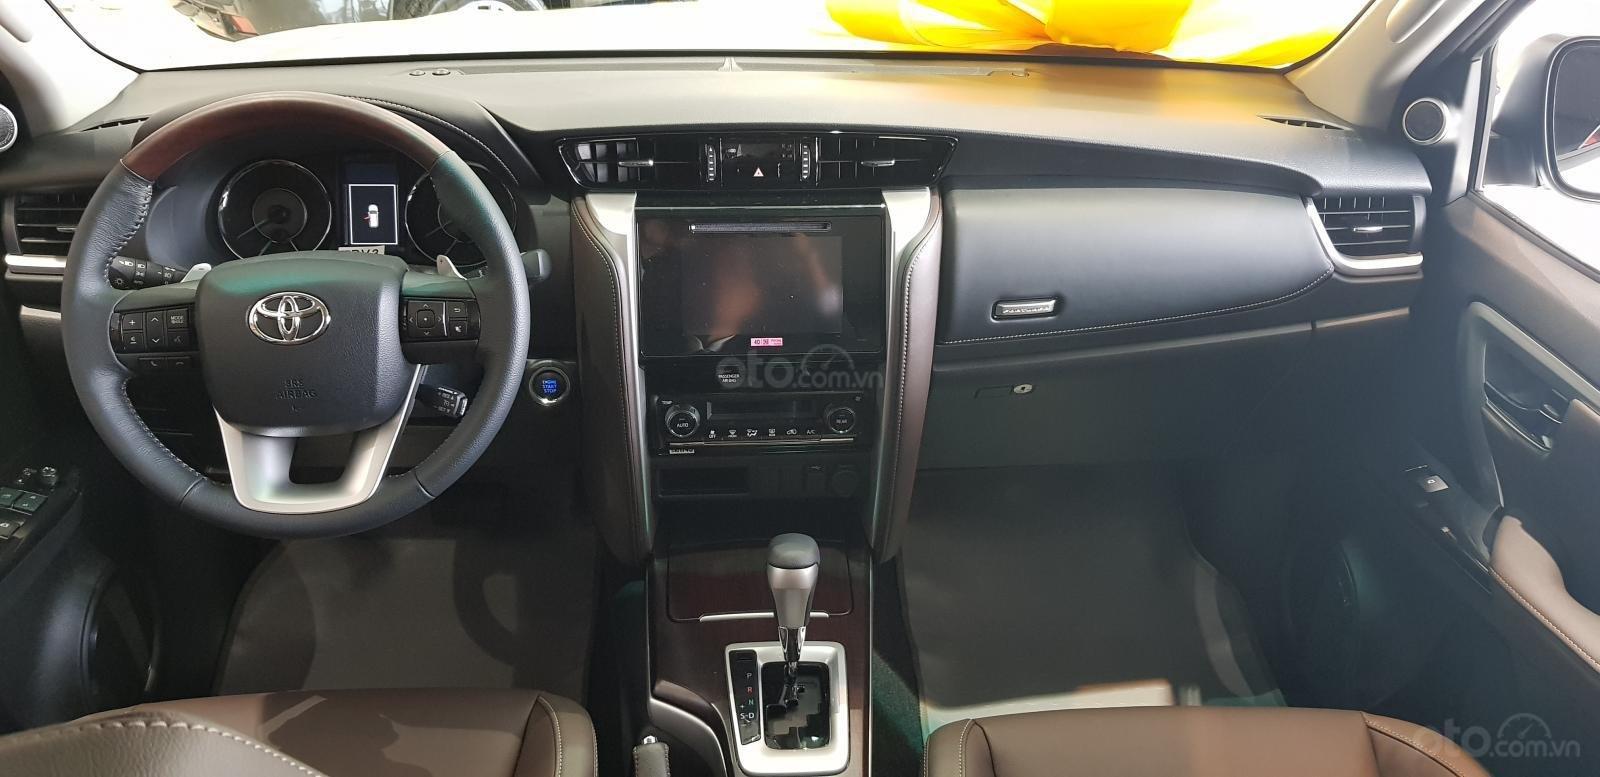 Bán xe Toyota Fortuner TRD mới năm 2019 (4)